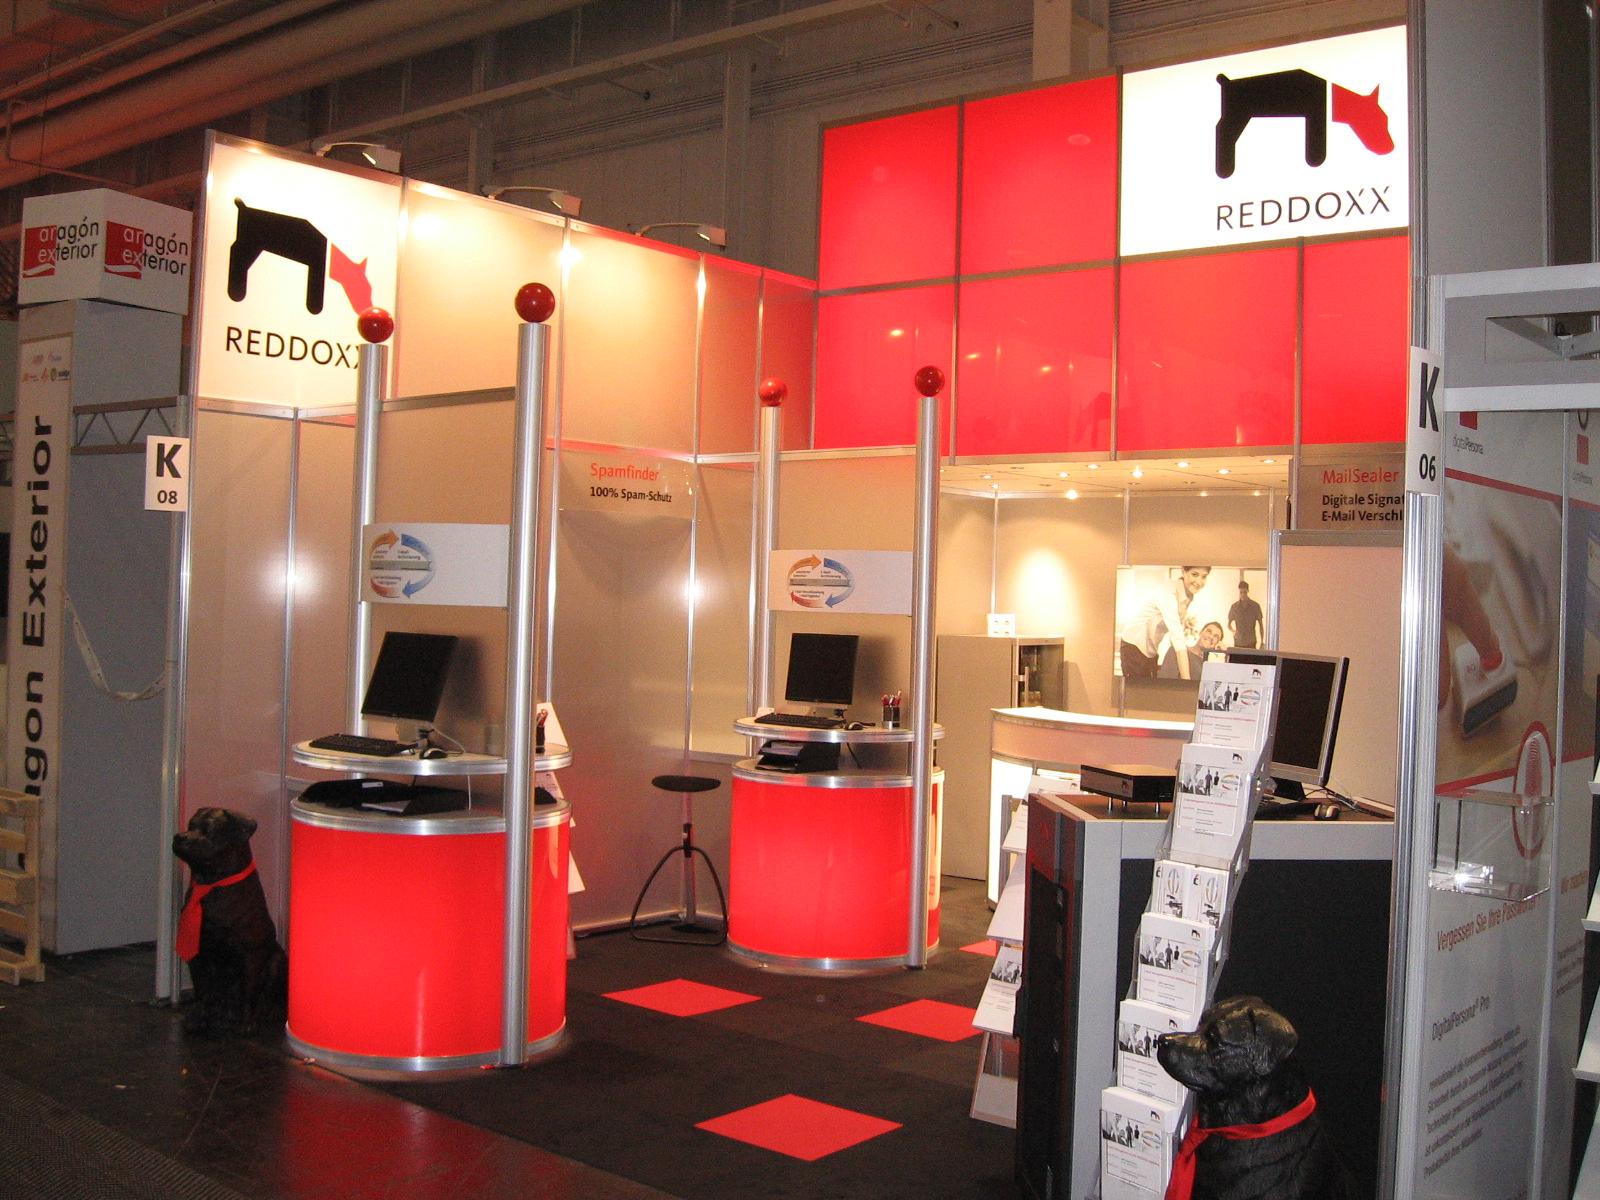 REDDOXX auf der CeBIT 2008